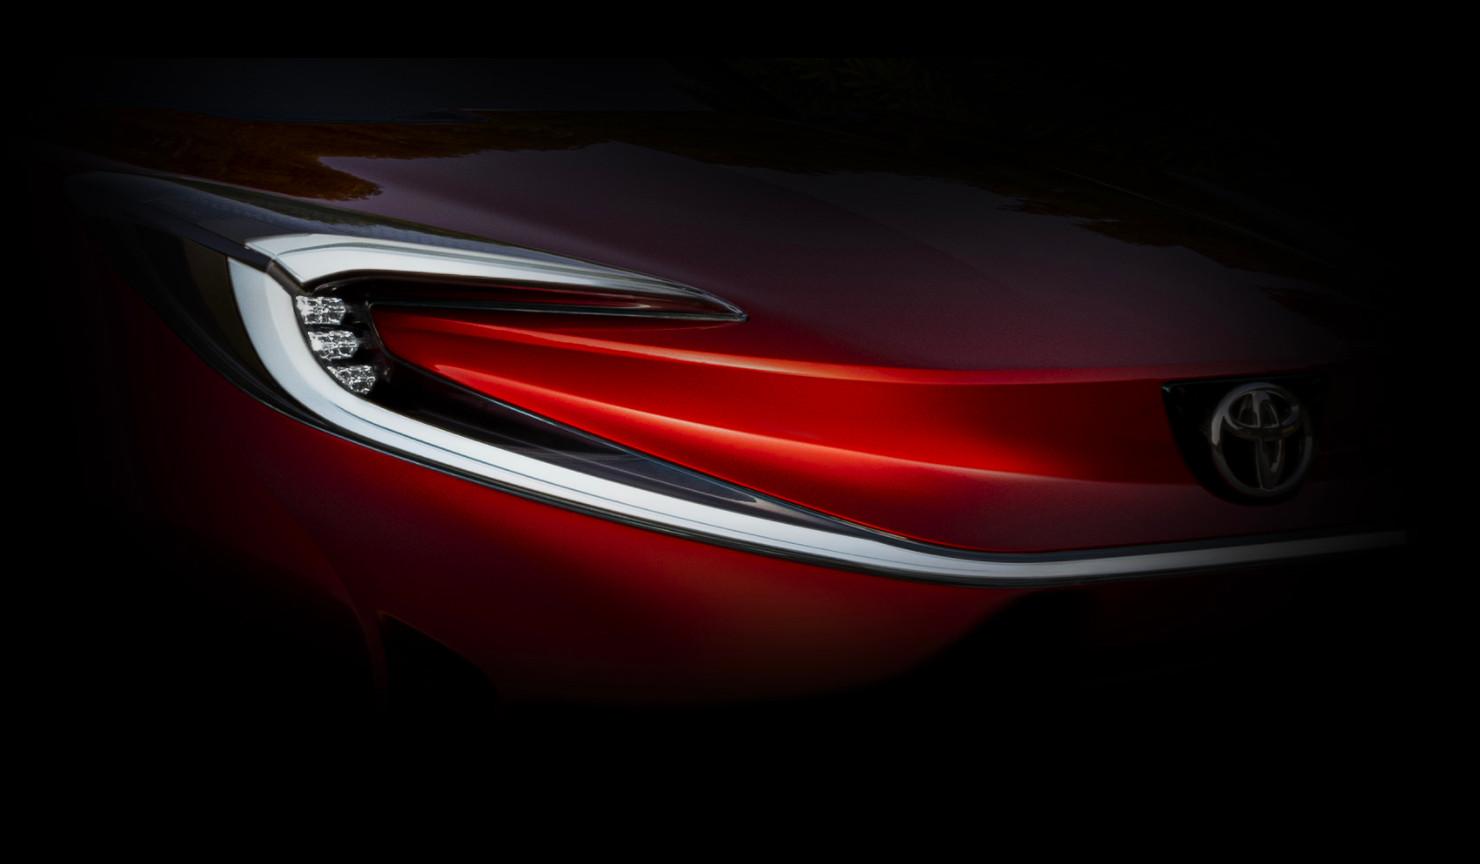 トヨタが新型車「Xプロローグ」の予告サイト公開